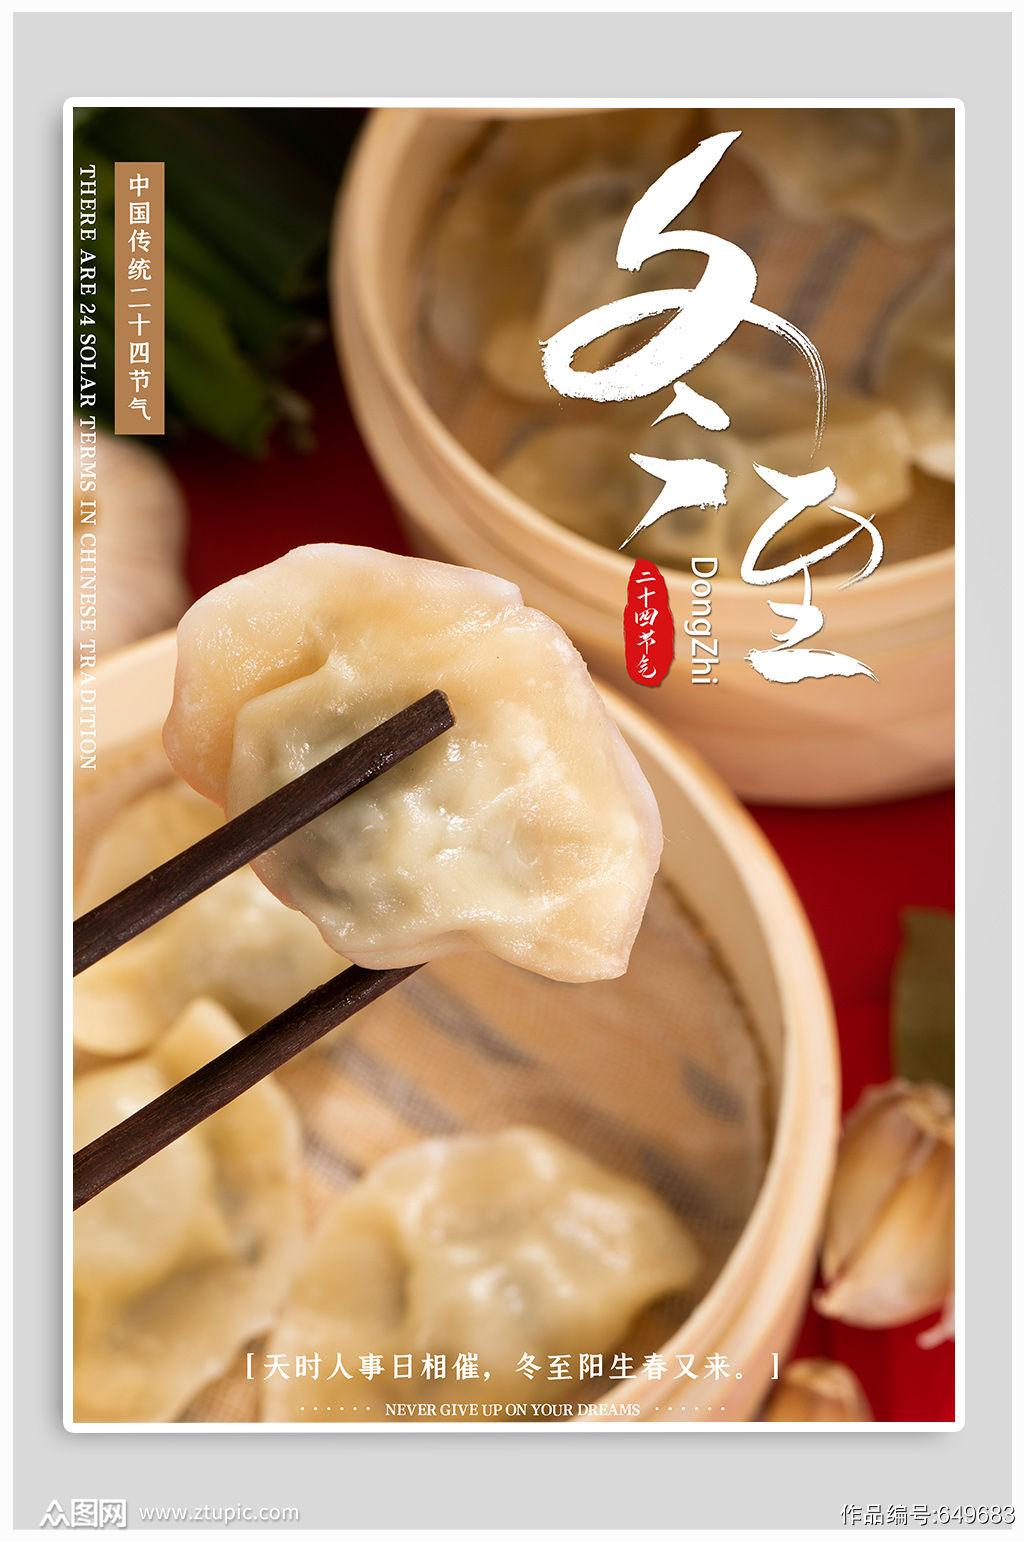 冬至吃水饺节气热点海报素材